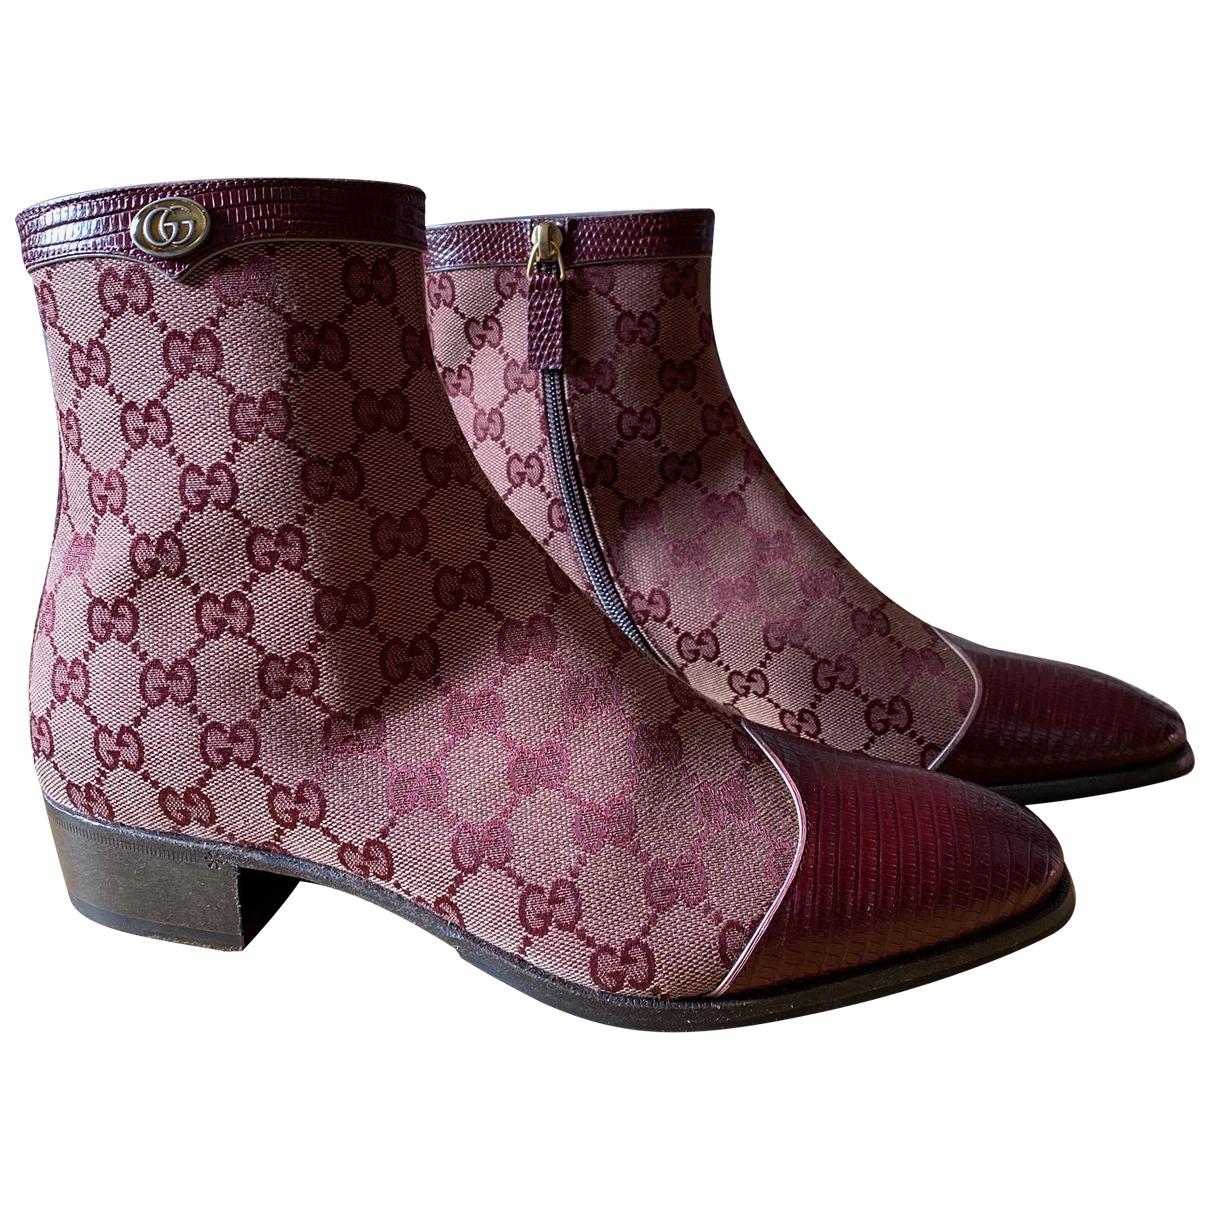 Botas de Lona Gucci